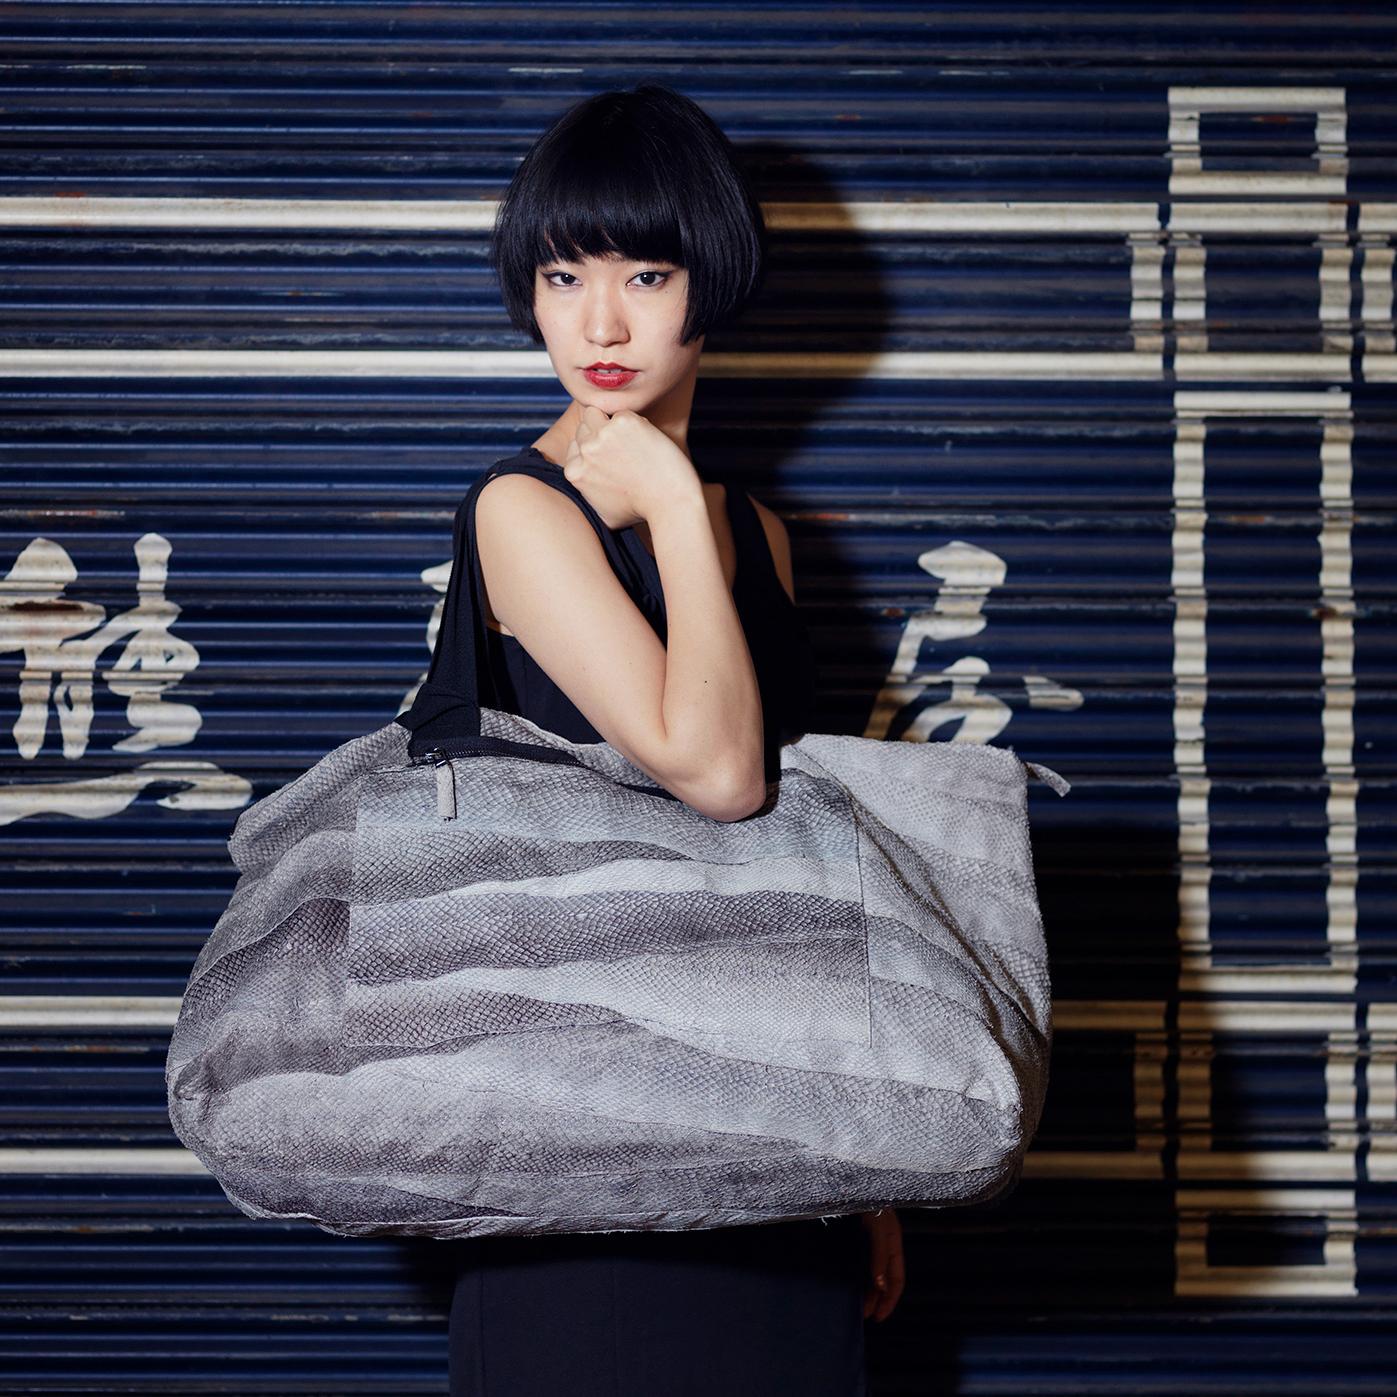 shisa-ao-A_9337854a.jpg